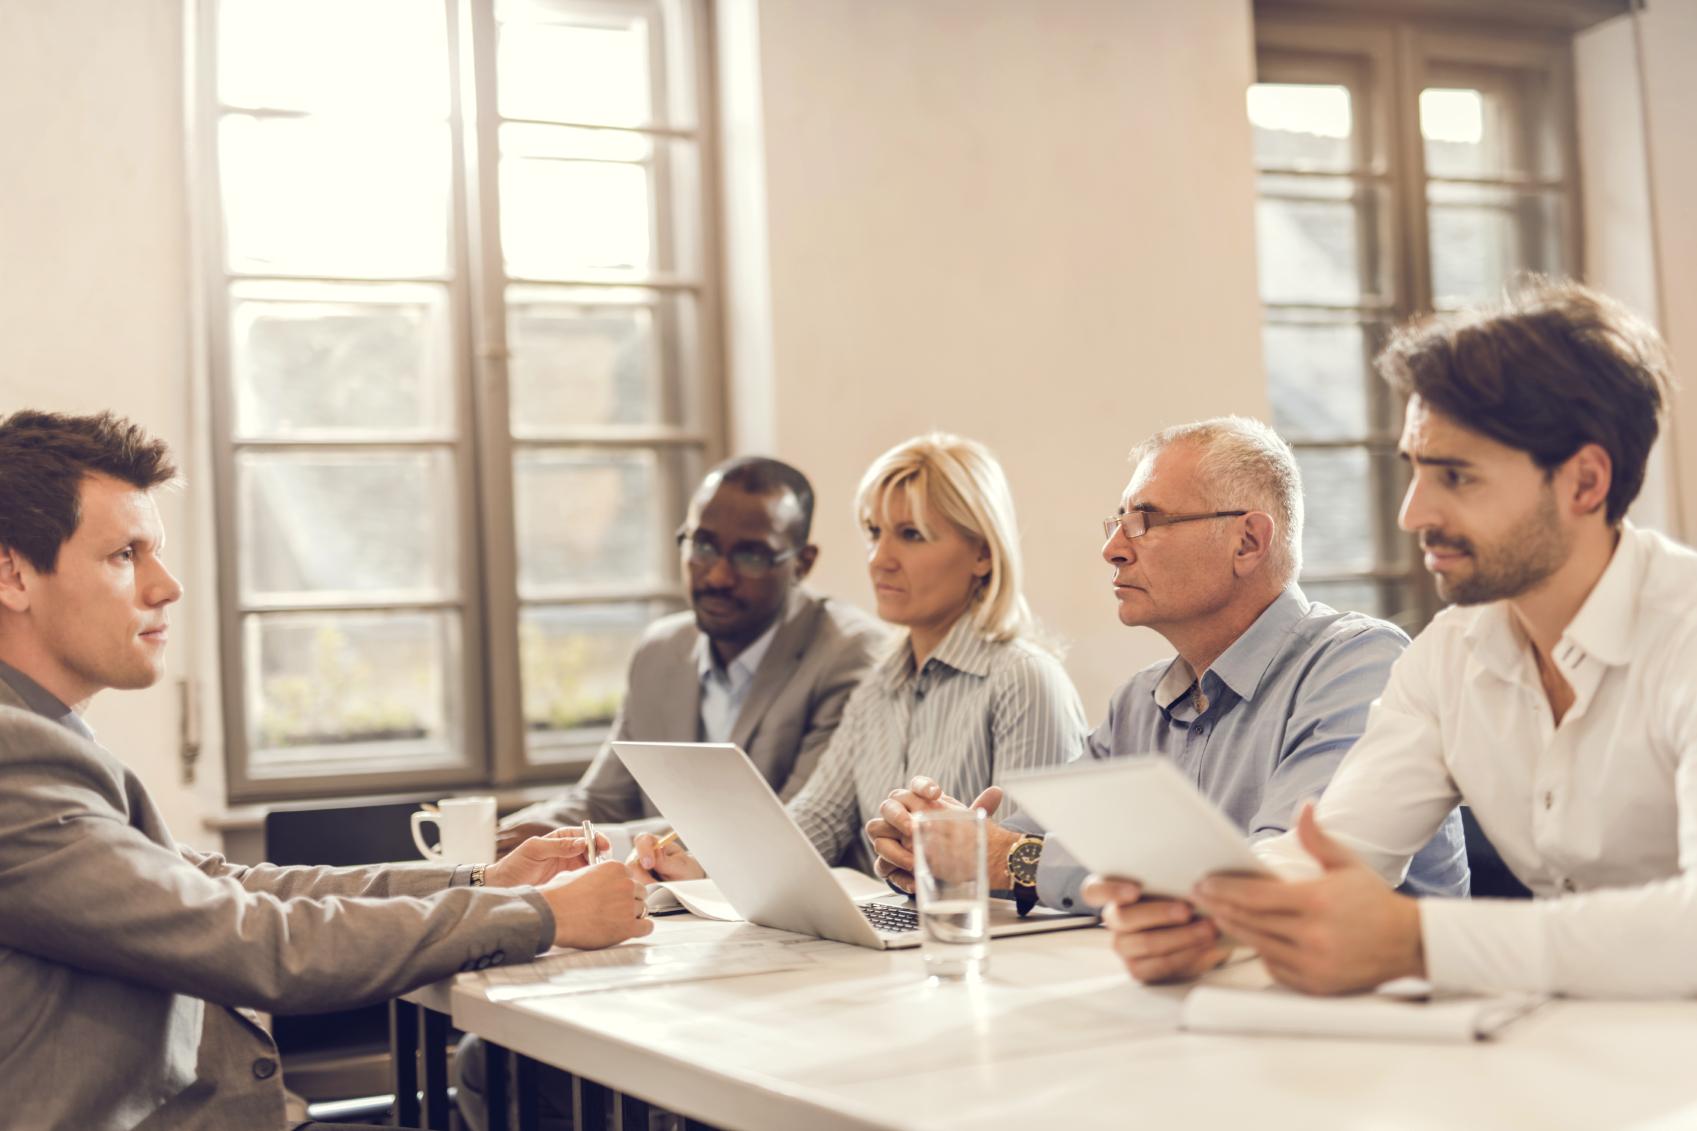 3 Cara Menghindari Galau Setelah Masa Wawancara Kerja